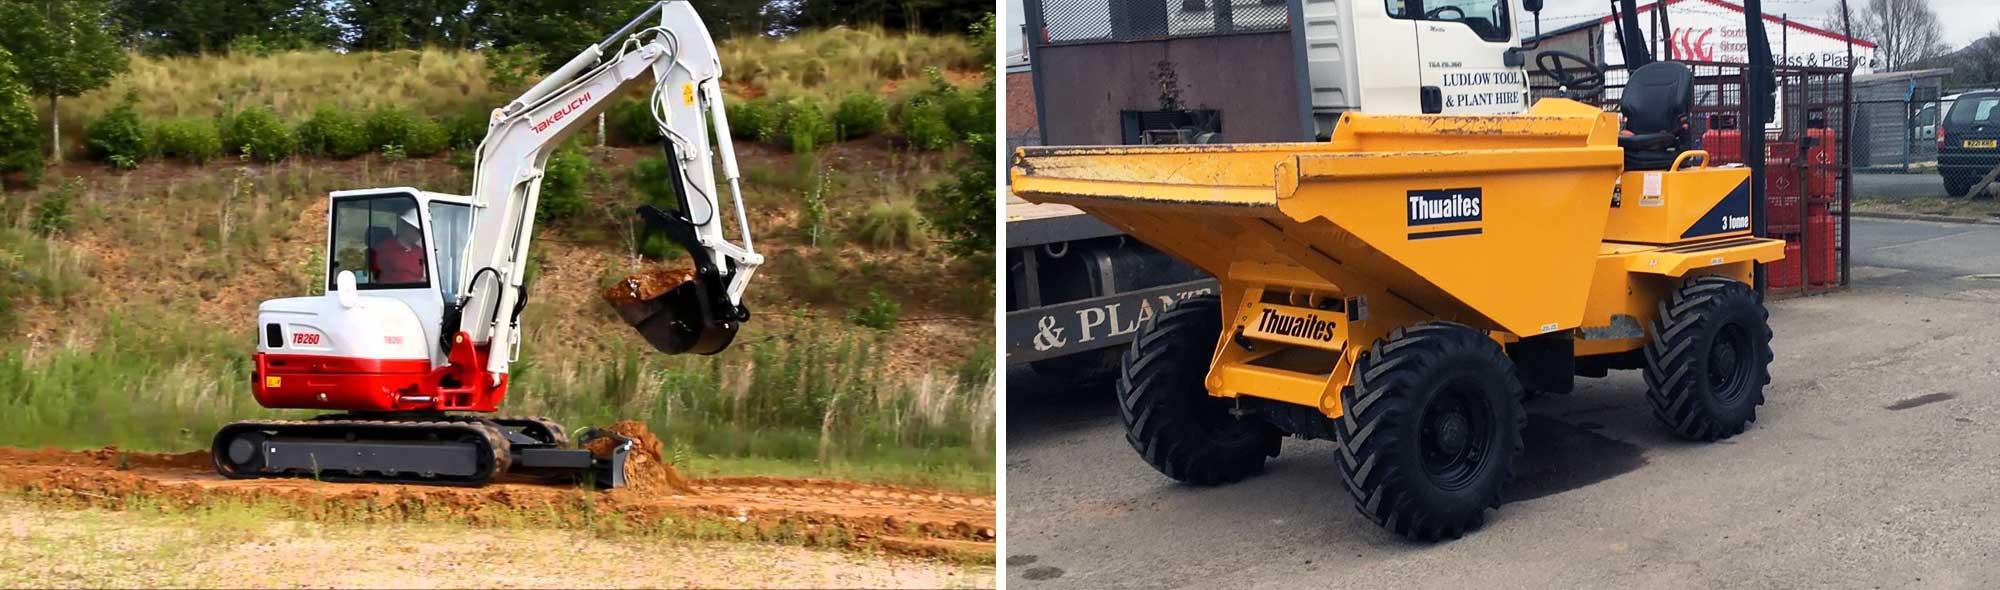 Excavator and Dumper Hire